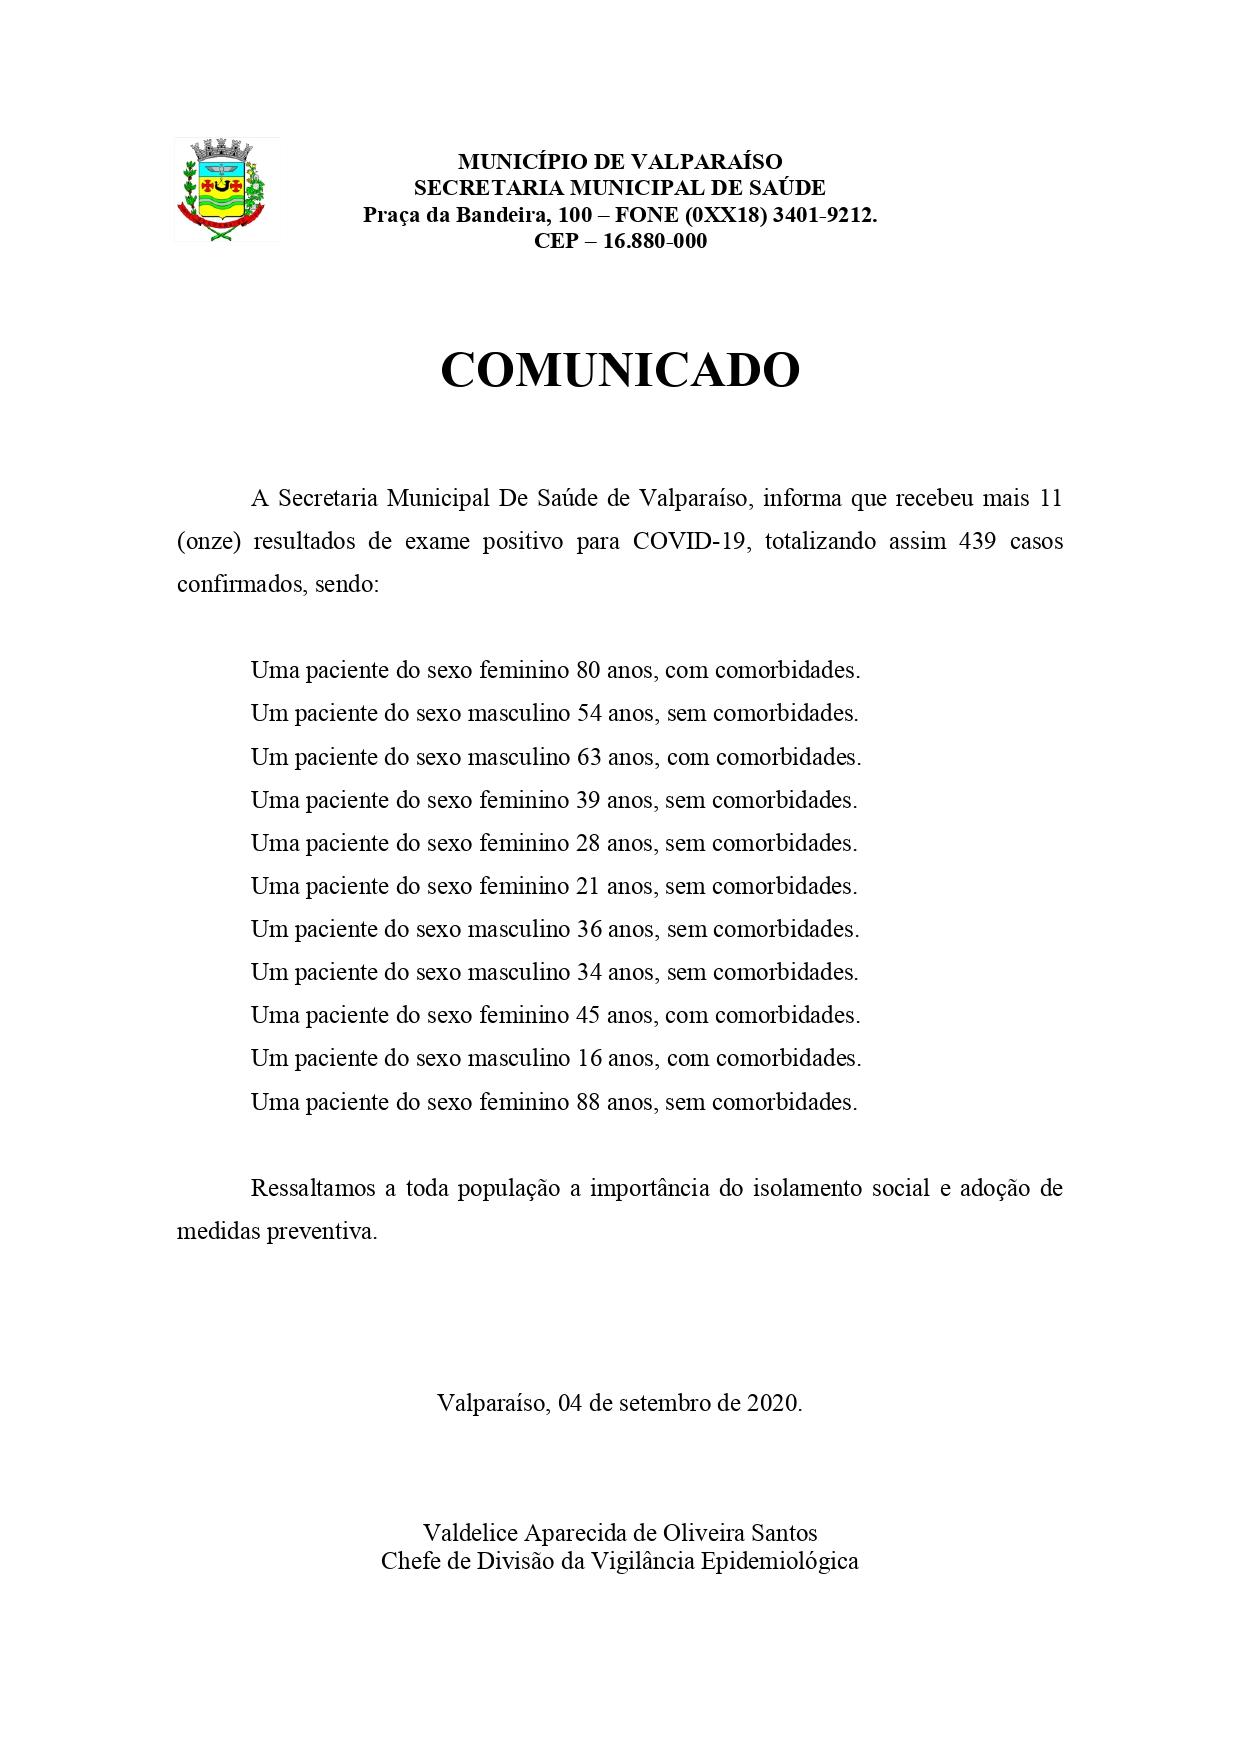 covid439